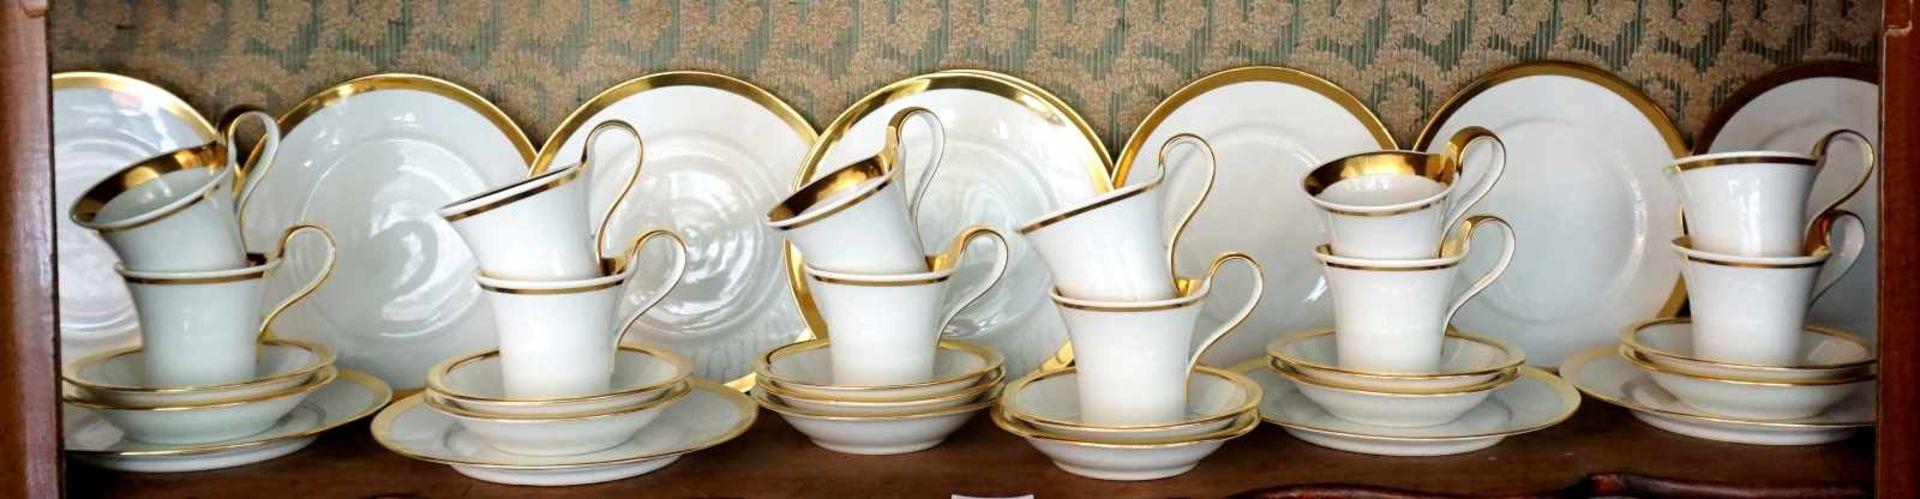 1 Kaffee-/TeerestservicePorz. FÜRSTENBERG f. 12 Pers. goldstaff. ber. Asp. - Bild 2 aus 2